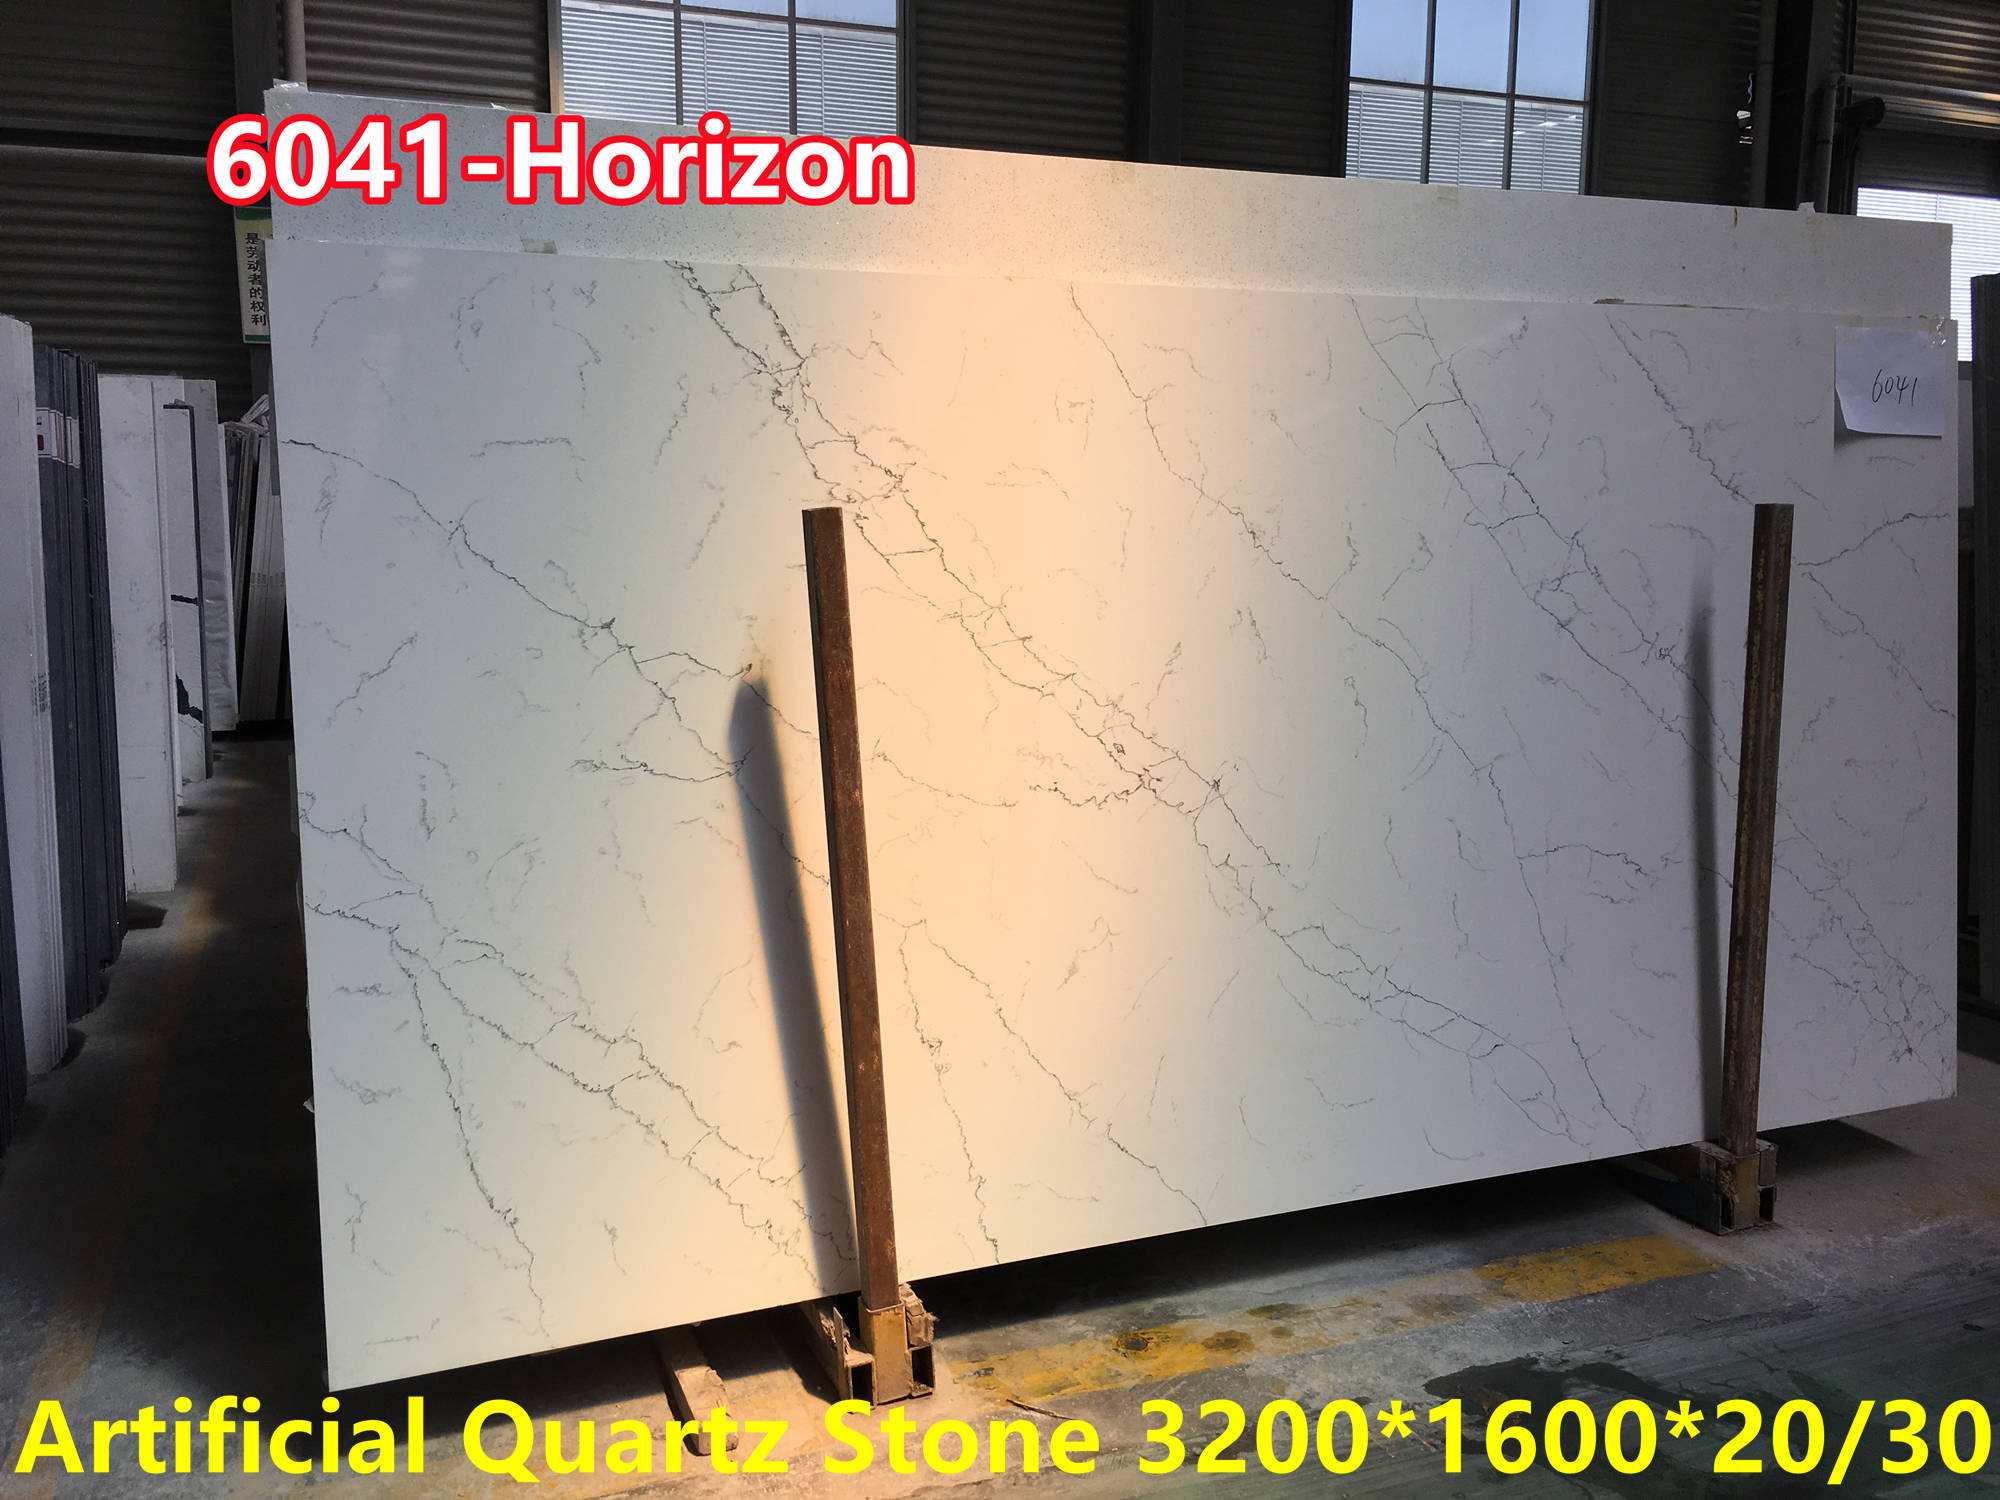 Factory Artificial quartz stone slab 3200 1600 20